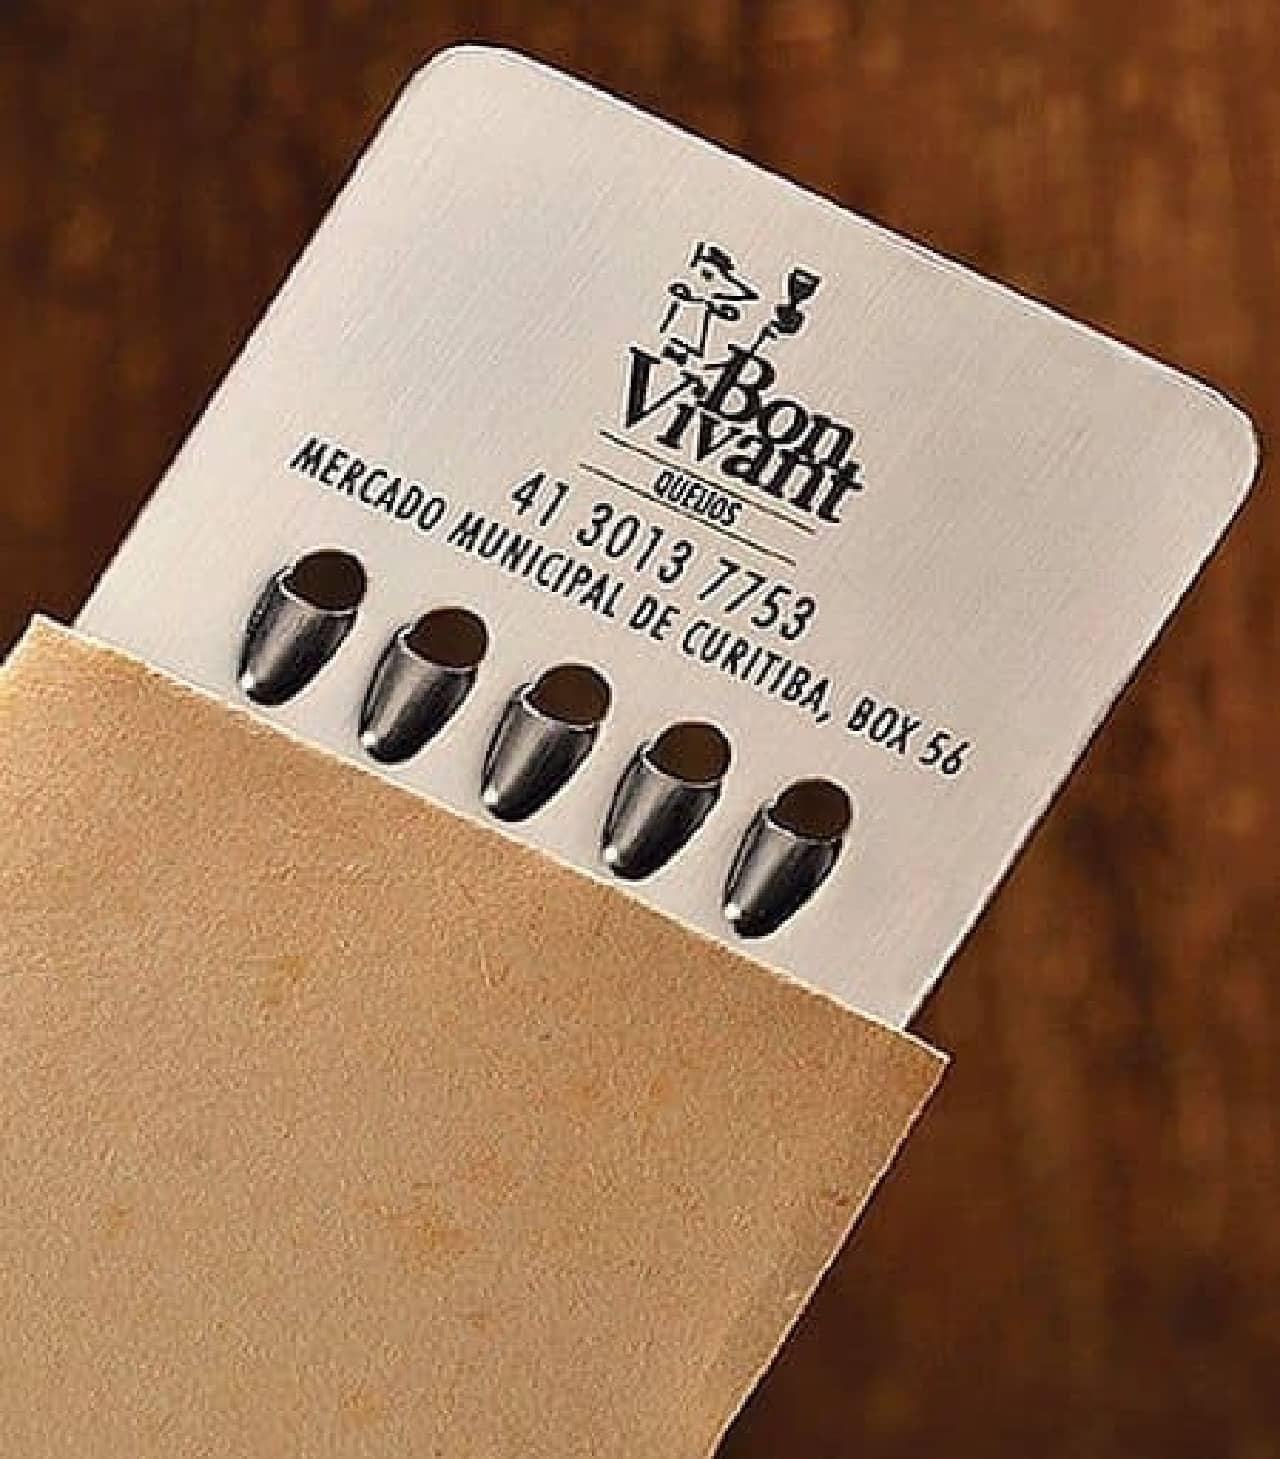 専用スリーブケースに入った「Bon Vivant」のショップカード